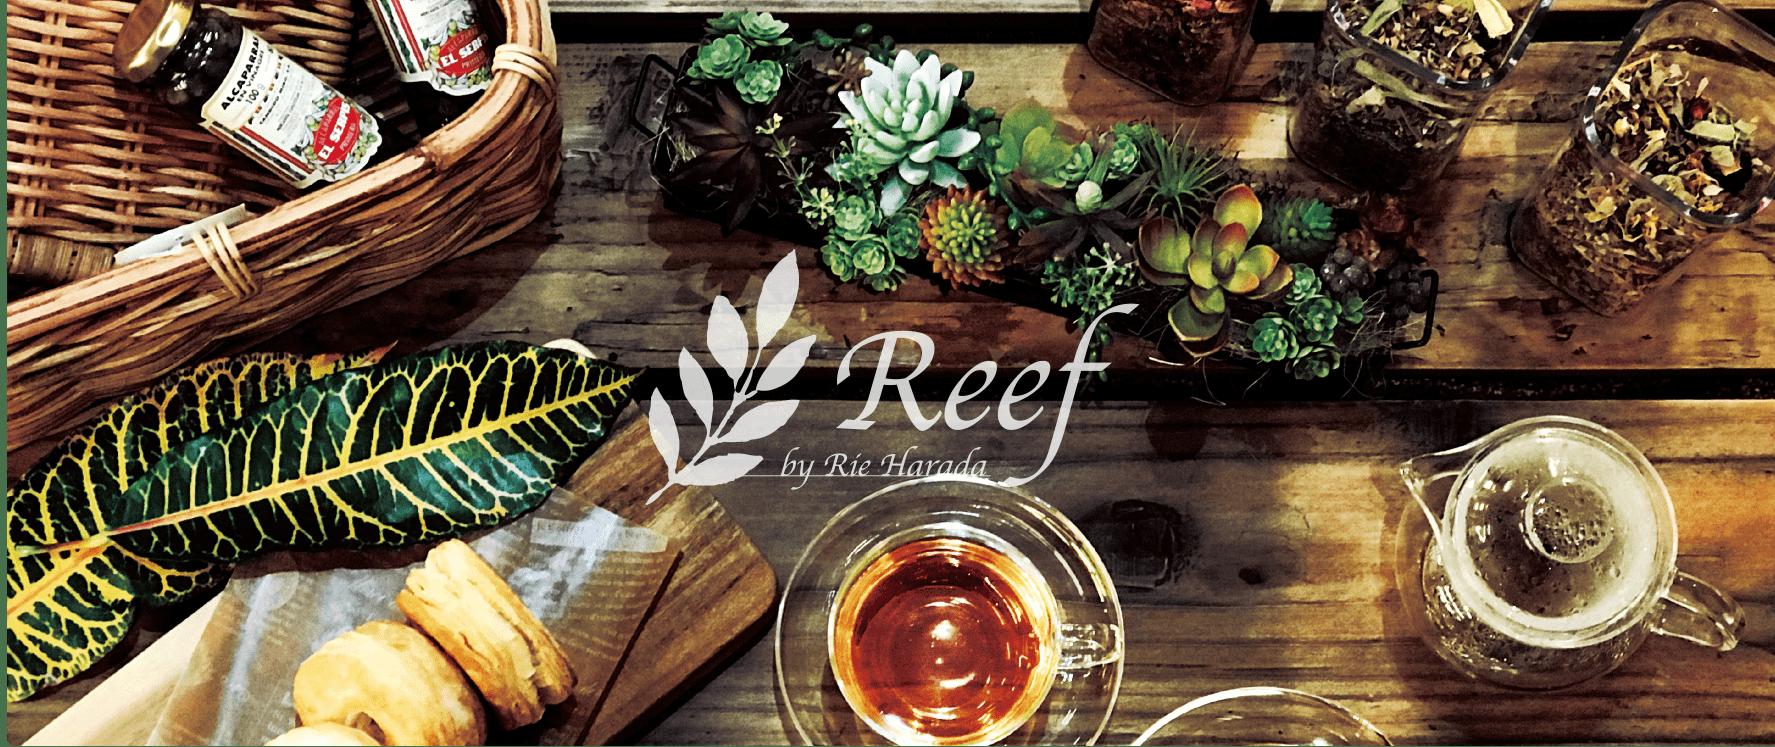 Reef(リーフ)会社概要